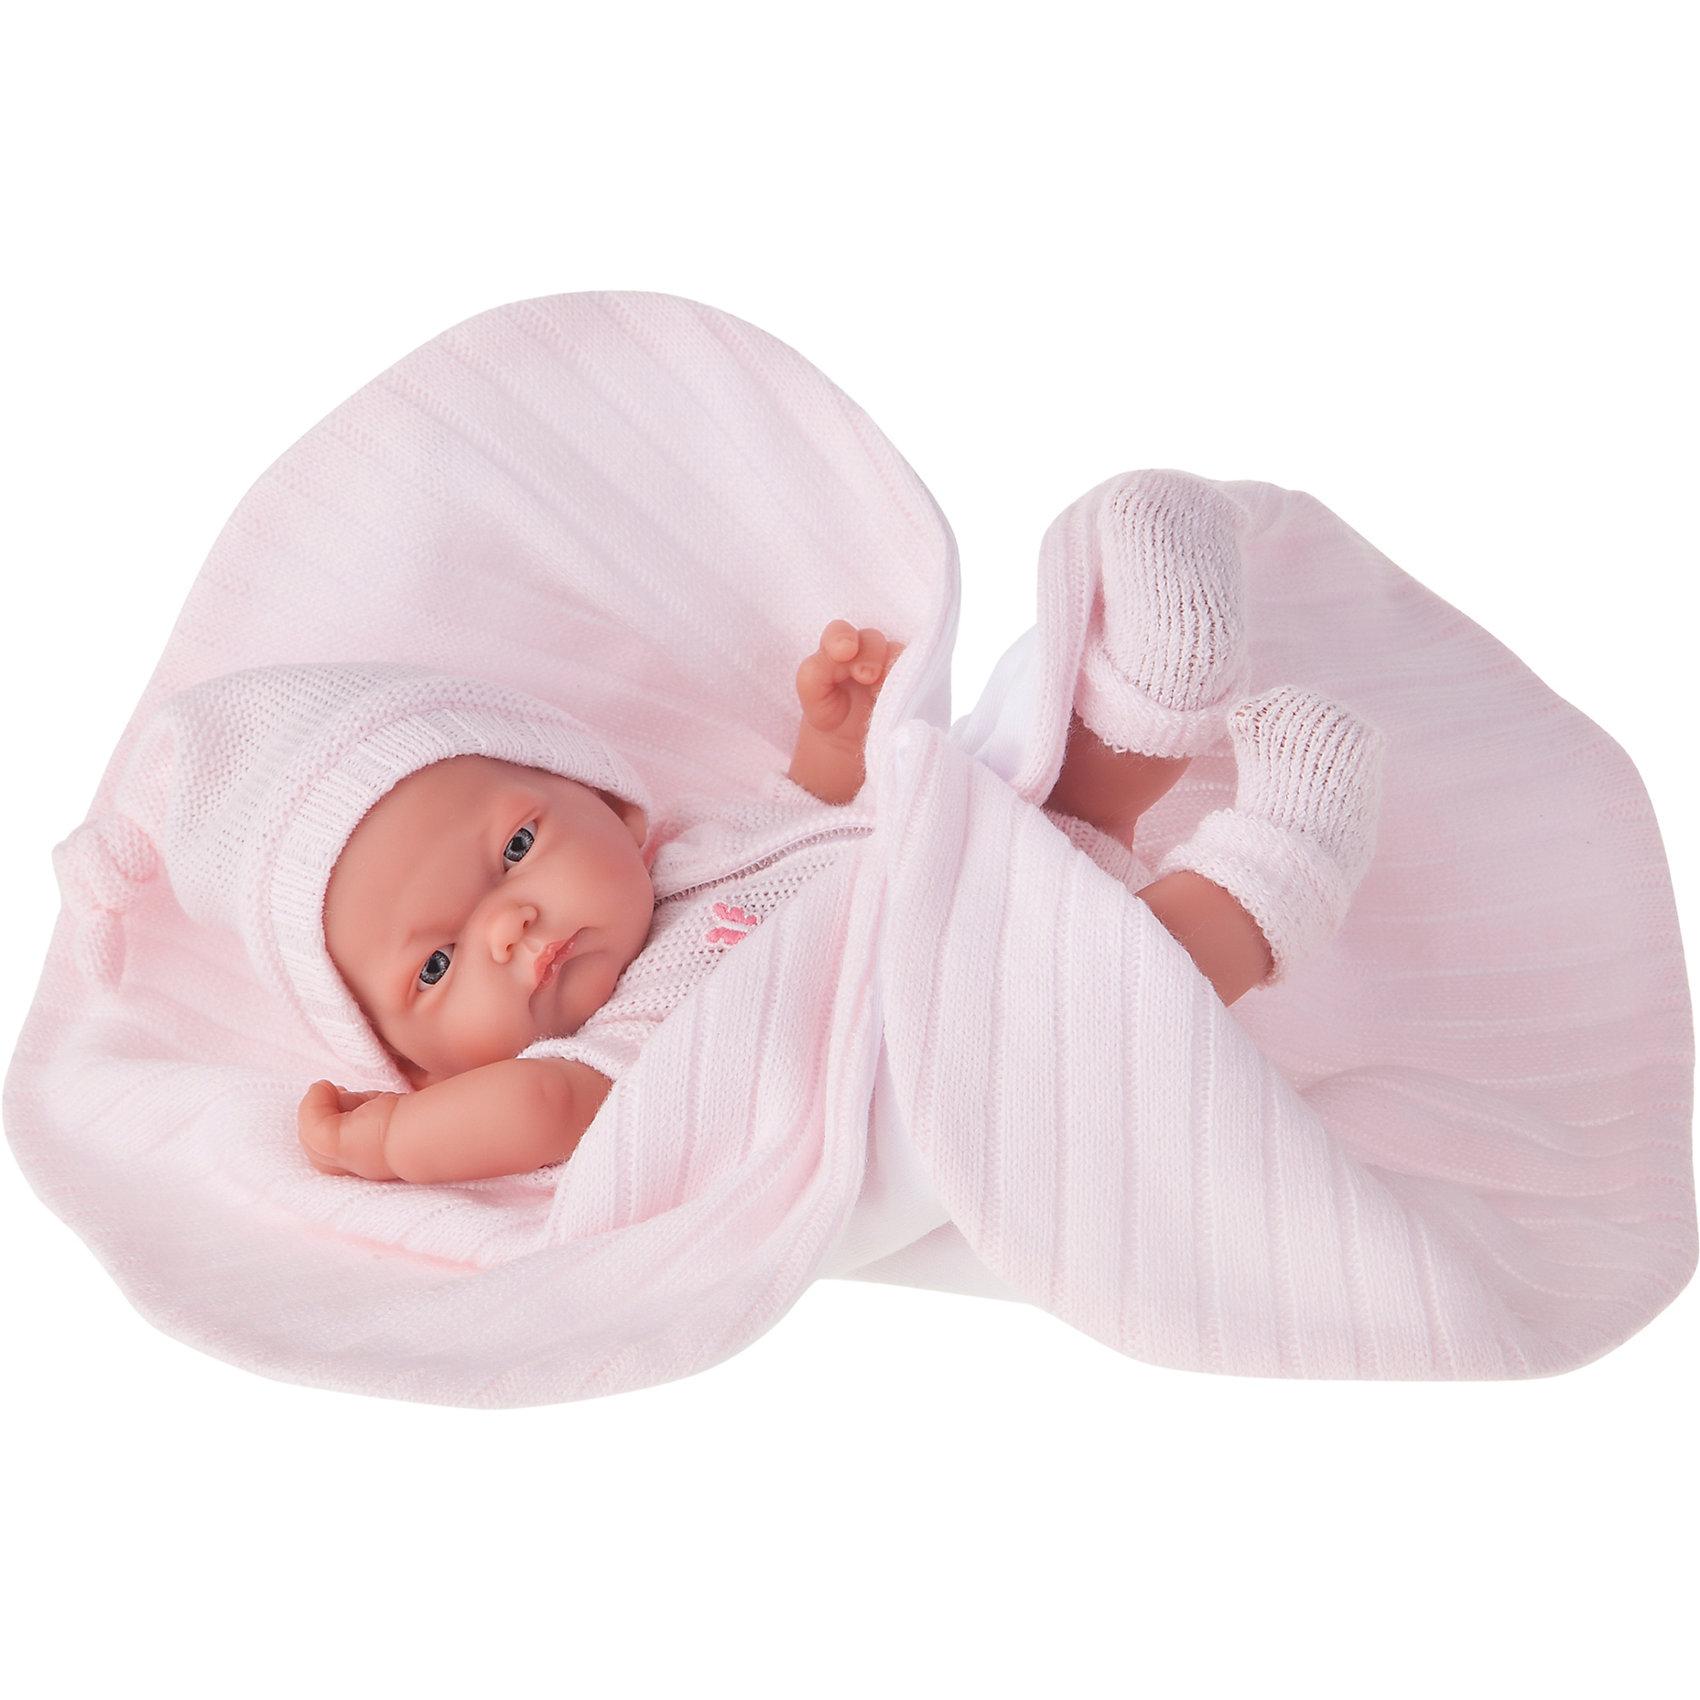 Кукла-младенец Карла в розовом одеяле, 26 см, Munecas Antonio JuanКукла-младенец Карла в розовом одеяле, 26 см, Munecas Antonio Juan (Мунекас Антонио Хуан).<br><br>Характеристики:<br><br>- Комплектация: кукла, одеяло<br>- Материал: винил, текстиль<br>- Высота куклы: 26 см.<br>- Глаза не закрываются<br>- Упаковка: яркая подарочная коробка<br><br>Малышка Карла невероятно похожа на настоящего младенца. Анатомическая точность, с которой выполнена кукла, поражает! Выразительные глазки, маленький носик, нежные щечки, пухлые губки, милые «перевязочки» на ручках и ножках придают кукле реалистичный вид и вызывают только самые положительные и добрые эмоции. Карла одета в розовый вязаный комбинезон на застежке с коротким рукавом. Комбинезон дополнен украшением в форме бабочки. На голове вязаная шапочка, а на ножках носочки нежного розового цвета. Верхняя часть шапочки завязана узлом. Кукла лежит на одеяле. С одной стороны одеяло белое флисовое, а с другой стороны - из трикотажа розового цвета. Кукла изготовлена из высококачественного винила с покрытием софт тач, мягкого и приятного на ощупь. Голова, ручки и ножки подвижны. Кукла соответствует всем нормам и требованиям к качеству детских товаров. Образы малышей Мунекас разработаны известными европейскими дизайнерами. Они натуралистичны, анатомически точны.<br><br>Куклу-младенца Карла в розовом одеяле, 26 см, Munecas Antonio Juan (Мунекас Антонио Хуан) можно купить в нашем интернет-магазине.<br><br>Ширина мм: 35<br>Глубина мм: 20<br>Высота мм: 12<br>Вес г: 670<br>Возраст от месяцев: 36<br>Возраст до месяцев: 2147483647<br>Пол: Женский<br>Возраст: Детский<br>SKU: 5055420